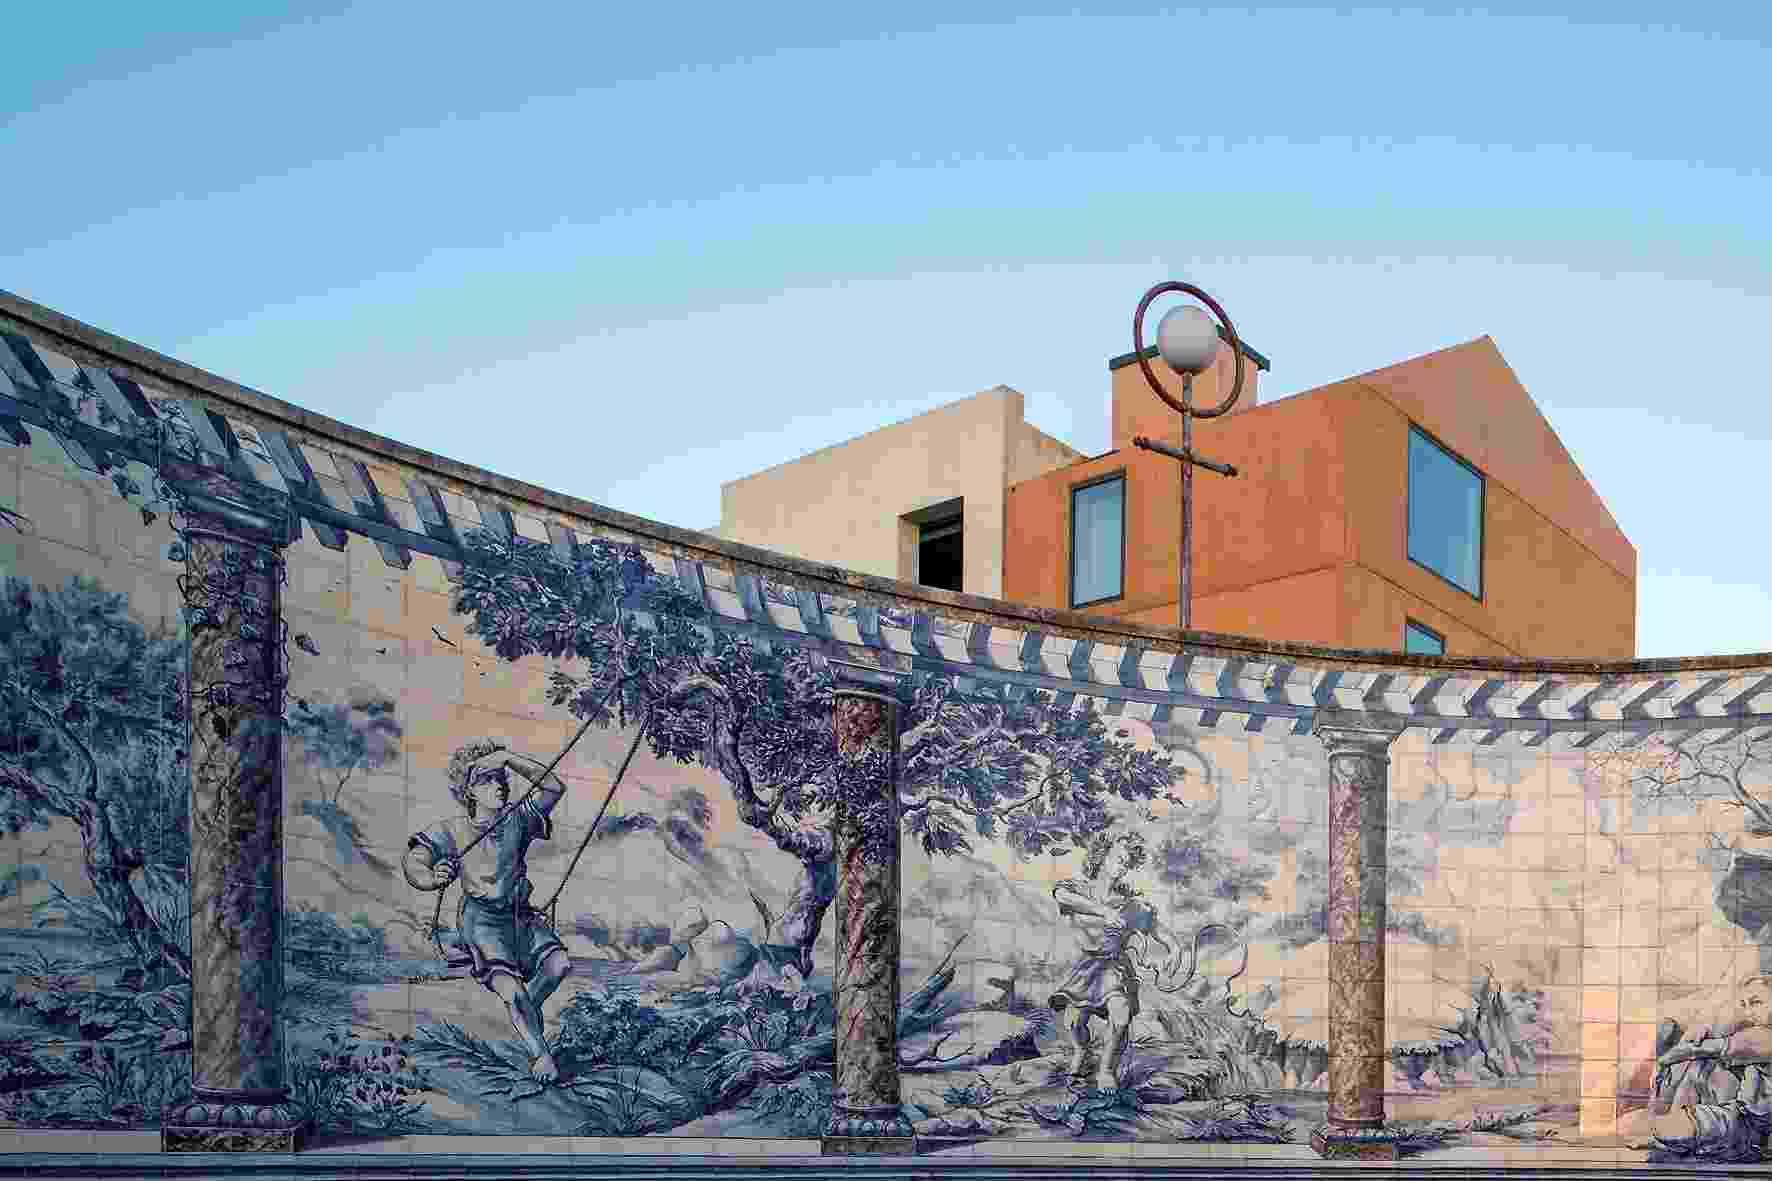 (...) A construção redefine, em sua fachada, os limites da Praça de Boa Vista, motivo pelo qual o projeto do escritório Paratelier foi influenciado pelas exigências da administração pública local: quanto a cor das paredes, sua altura limite e inserção na paisagem. Na praça, o painel de azulejos de Andreas Stoklein foi pintado em 1989 e remonta a uma tradição lusa que tem suas origens nos anos de 150 - Leonardo Finotti/ UOL